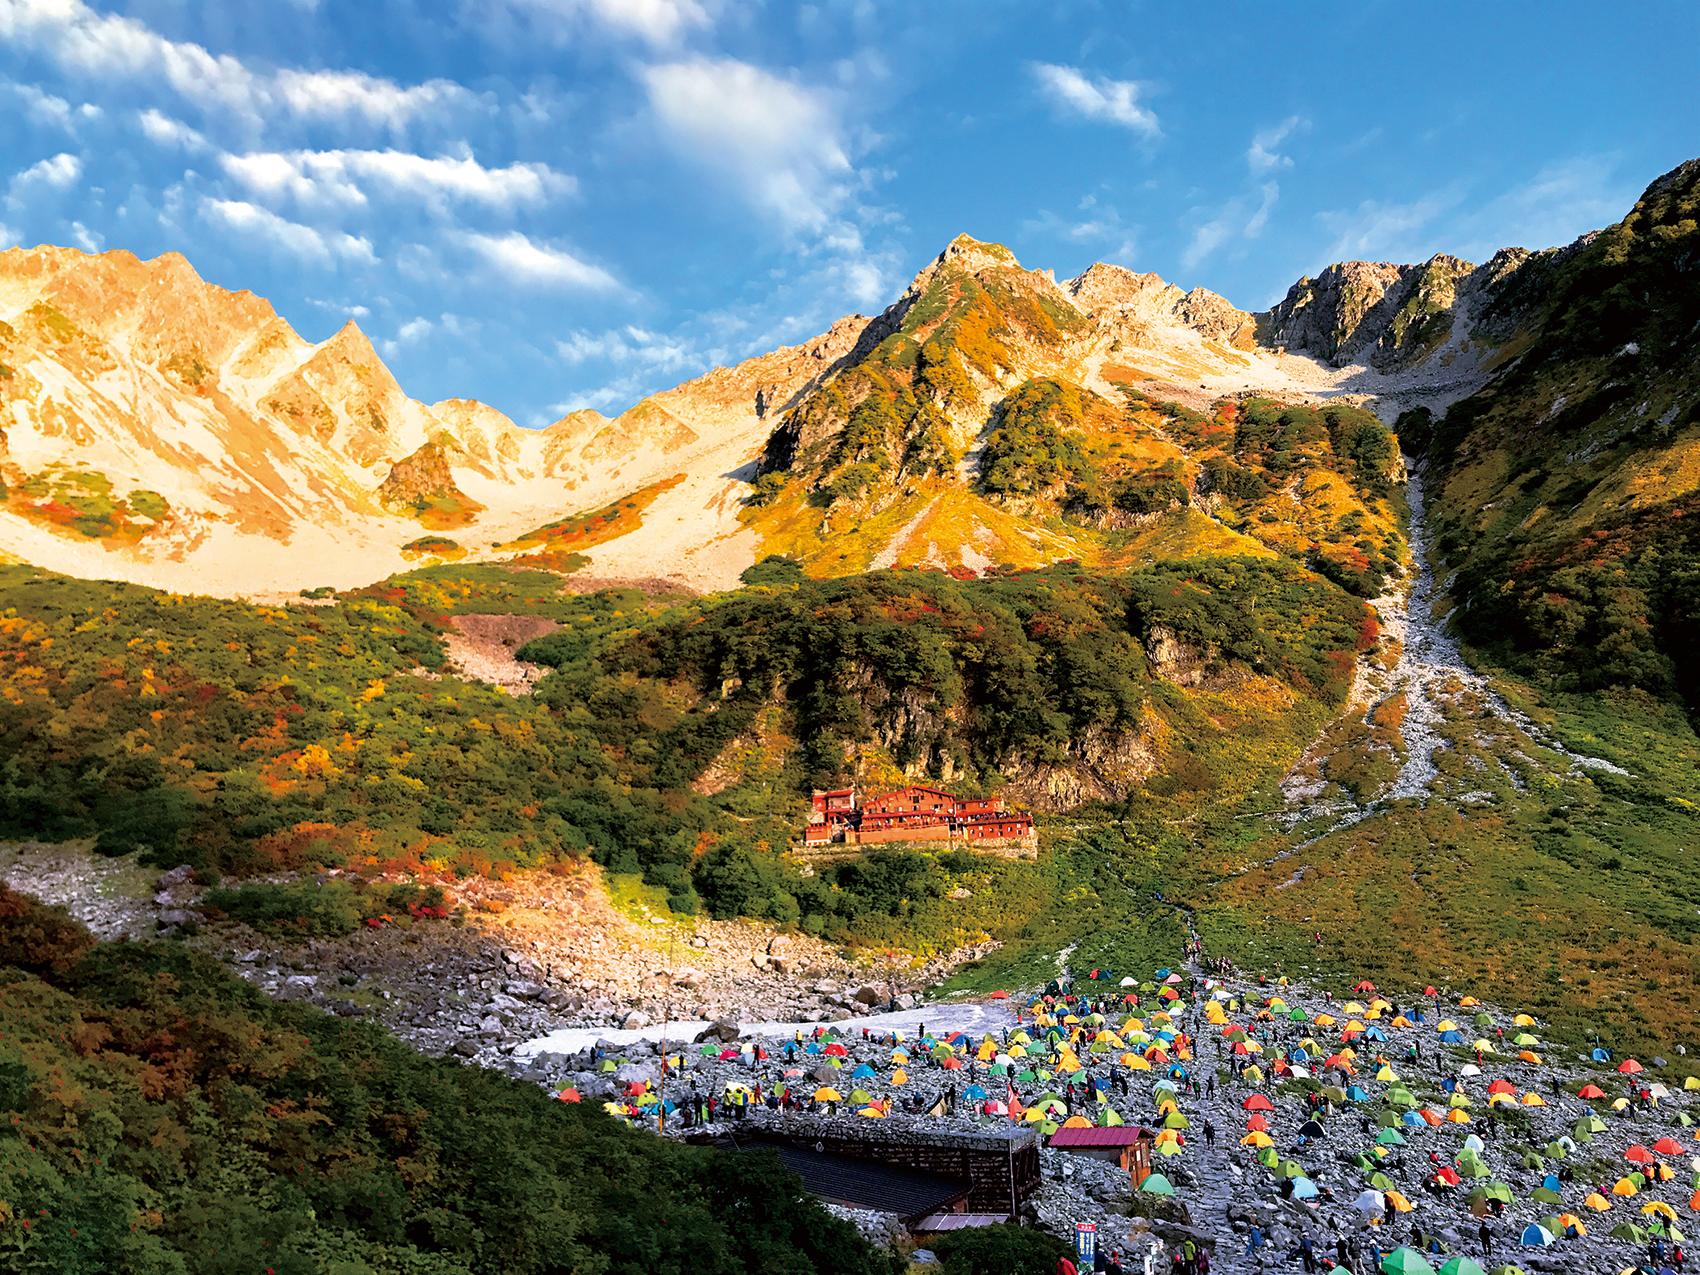 穂高岳の凛々しい姿を間近に望む、涸沢カール